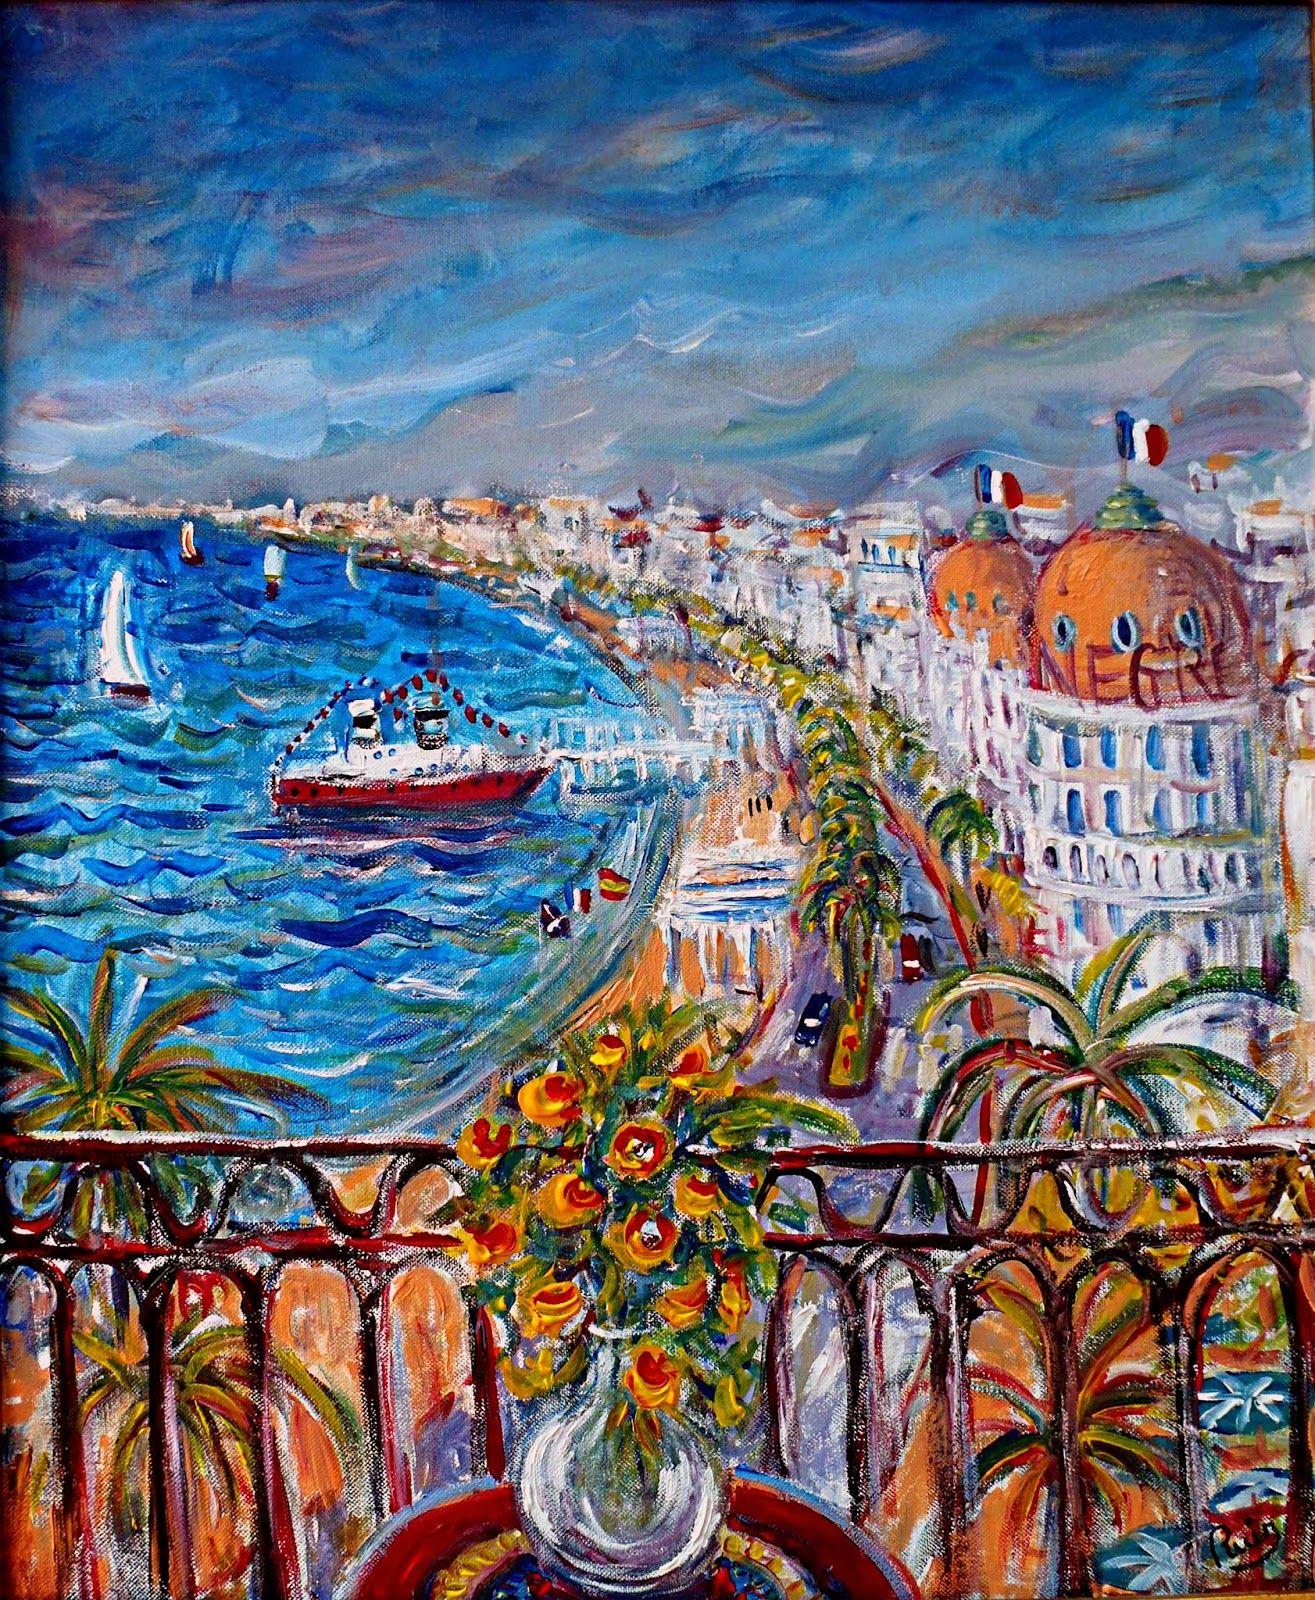 Peinture de Jacques RUIZ: Nice Baie des Anges   Nice baie des anges, La baie des anges, Peinture